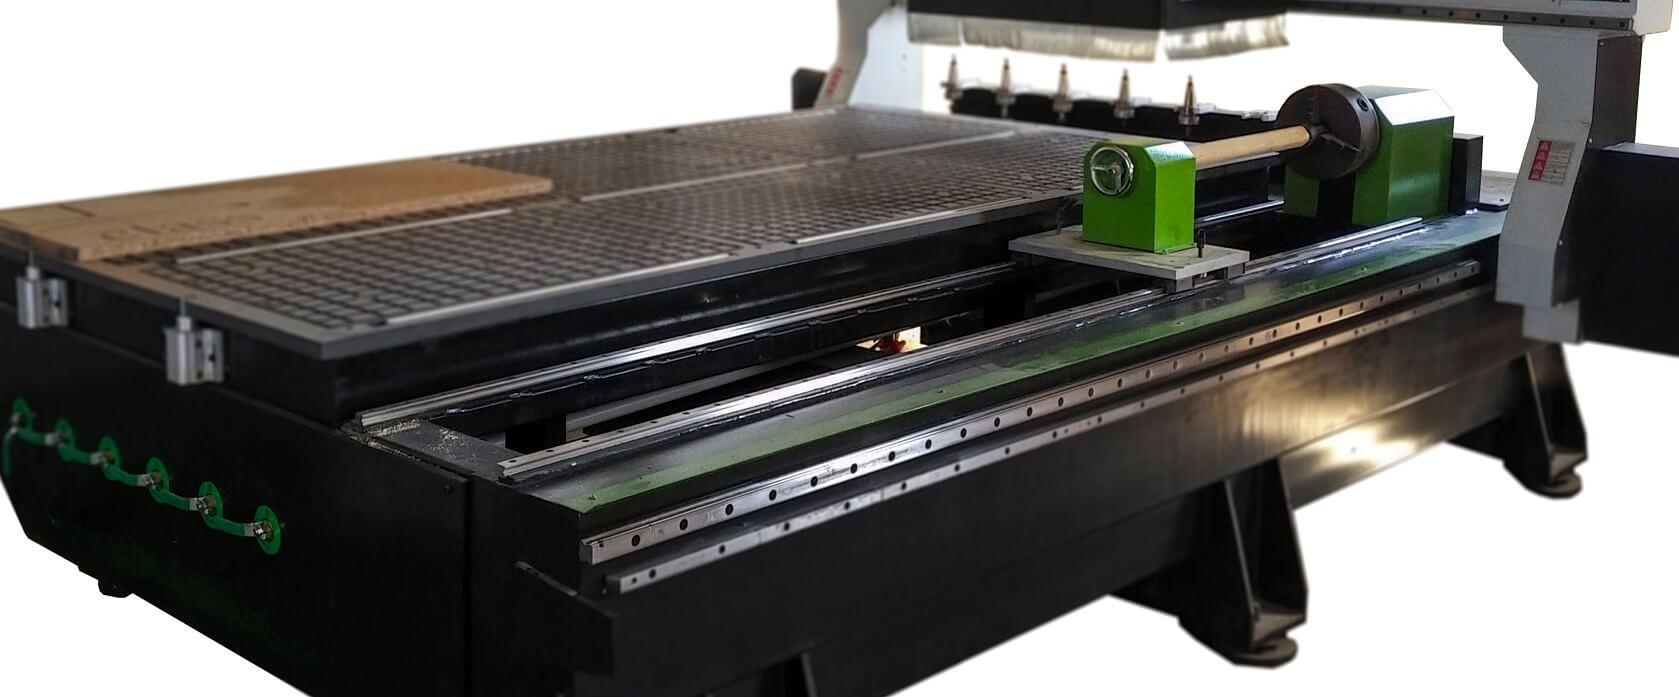 Router CNC Seria Pro +4 3